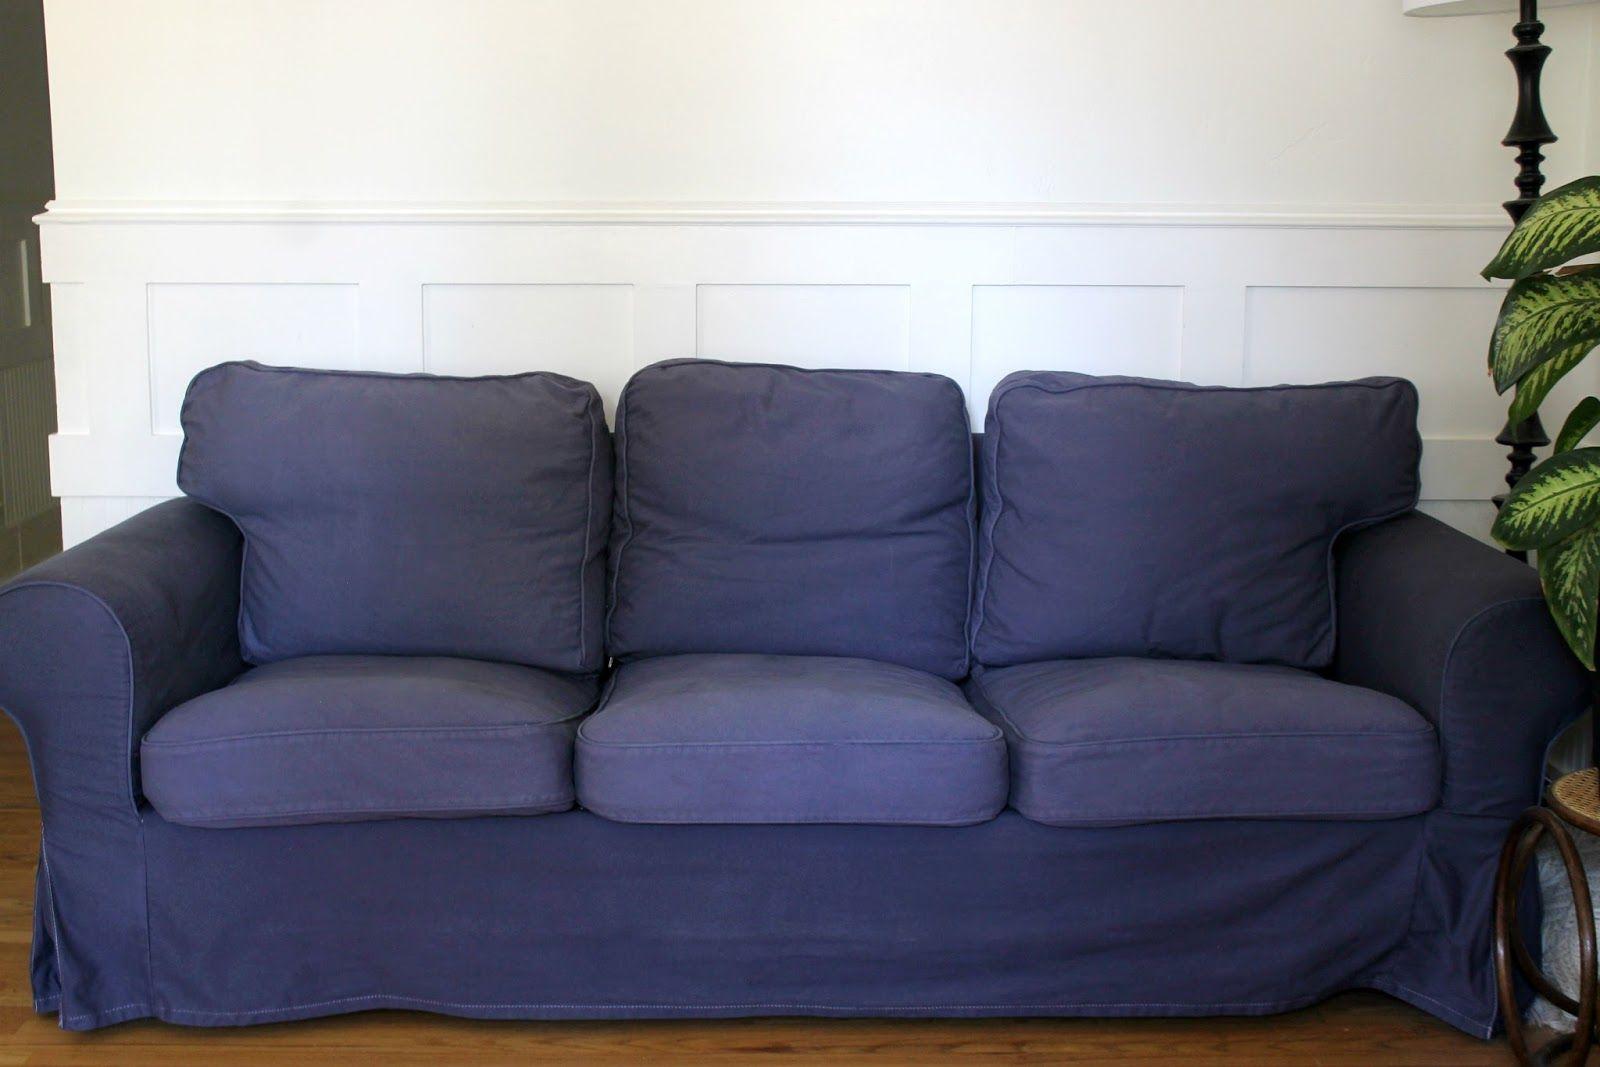 Full Size of Ektorp Sofa Light Blue Mit Relaxfunktion 3 Sitzer Wildleder Boxspring Goodlife Chesterfield Gebraucht Verstellbarer Sitztiefe Impressionen Groß Lederpflege Sofa Ektorp Sofa